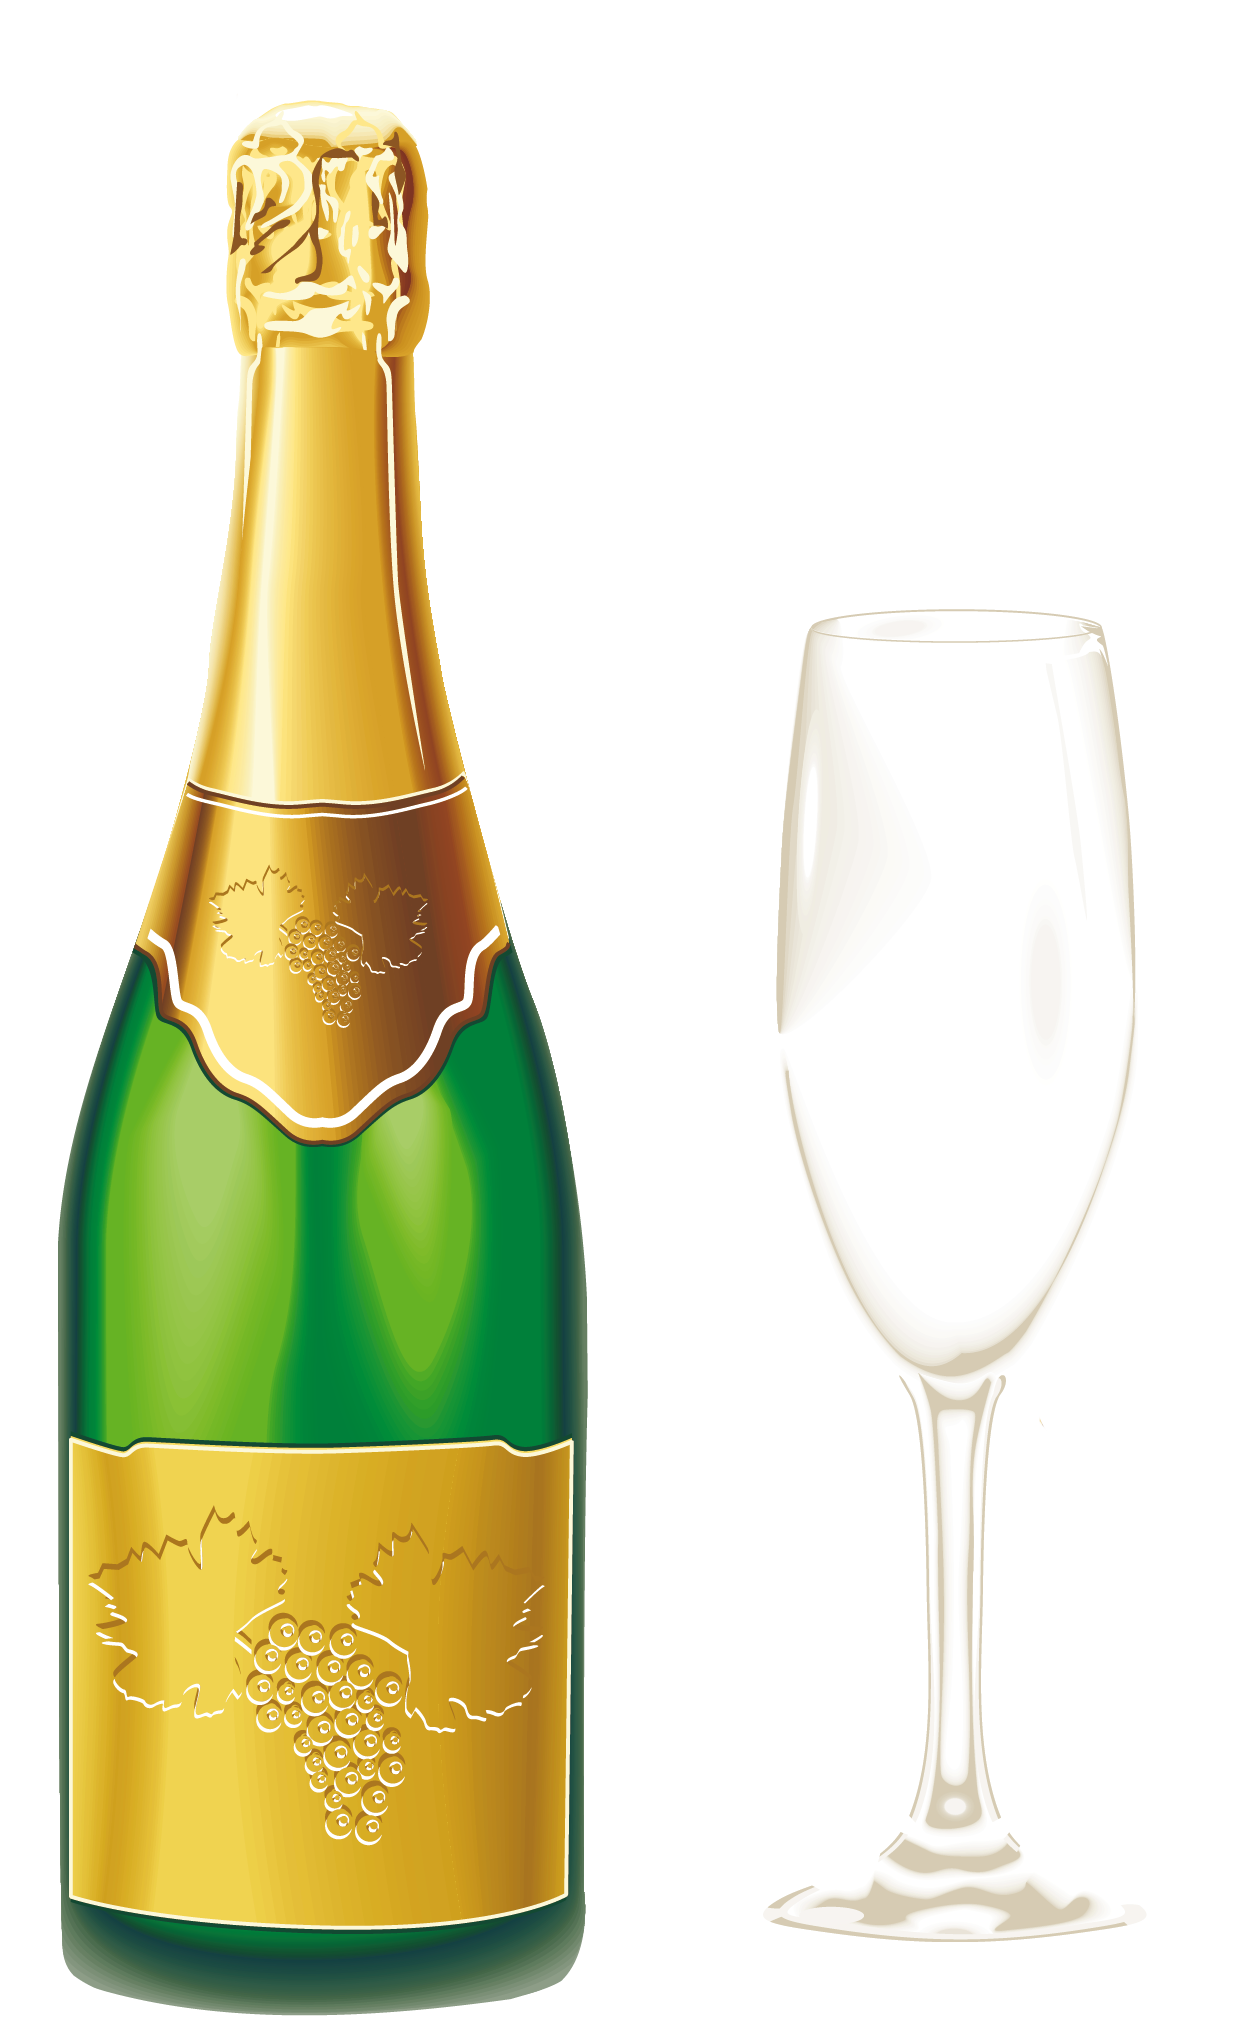 Champagne Bottle Google Search Wine Bottle Gift Tags Champagne Champagne Bottle